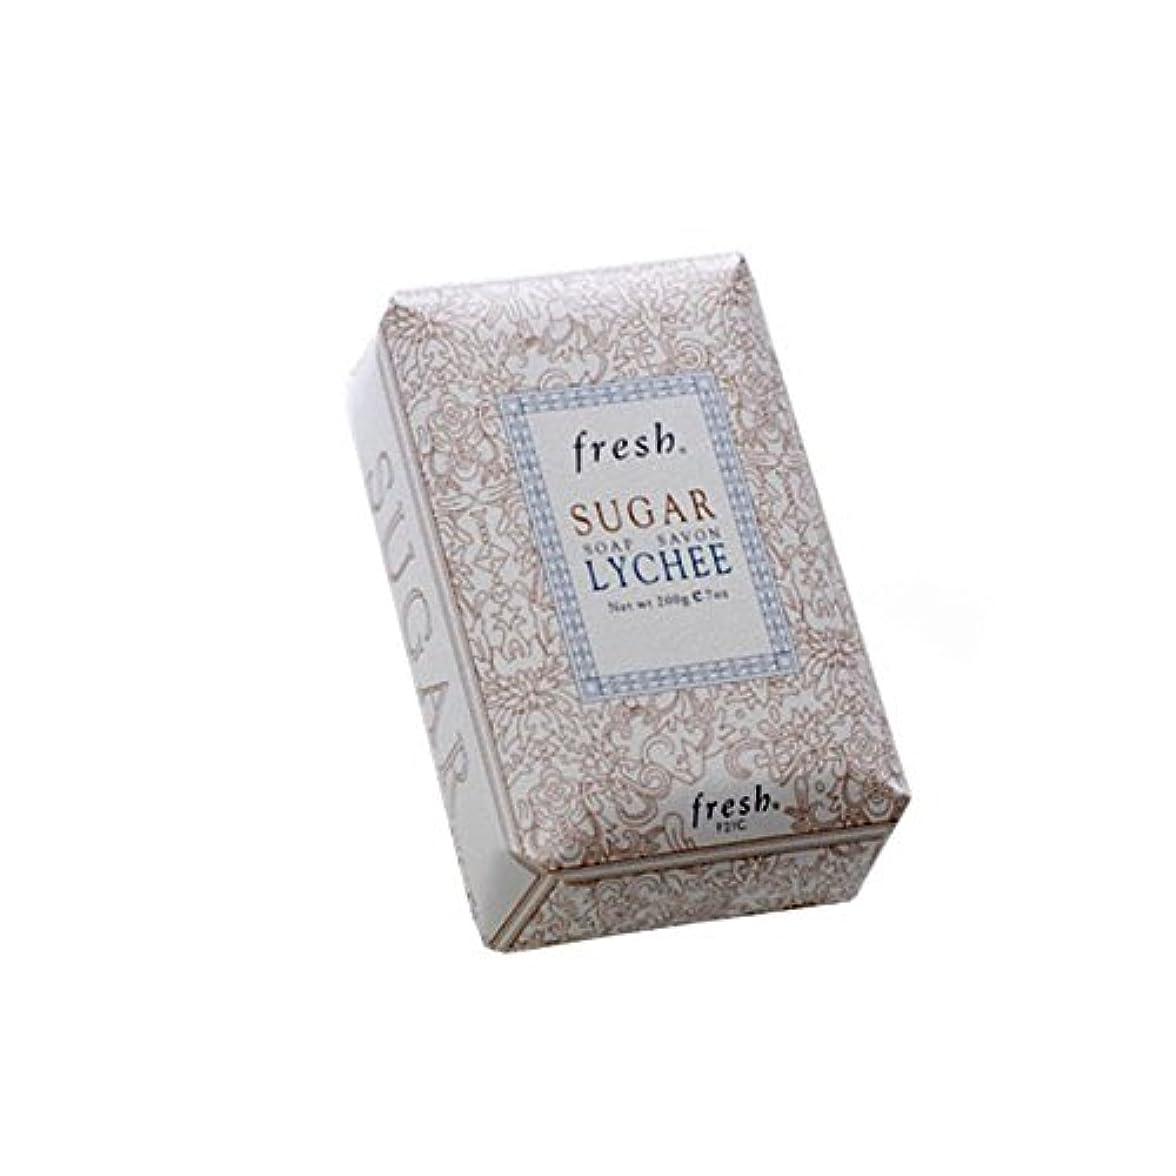 広告農業と闘うFresh フレッシュ シュガーライチ石鹸 Sugar Lychee Soap, 200g/7oz [海外直送品] [並行輸入品]